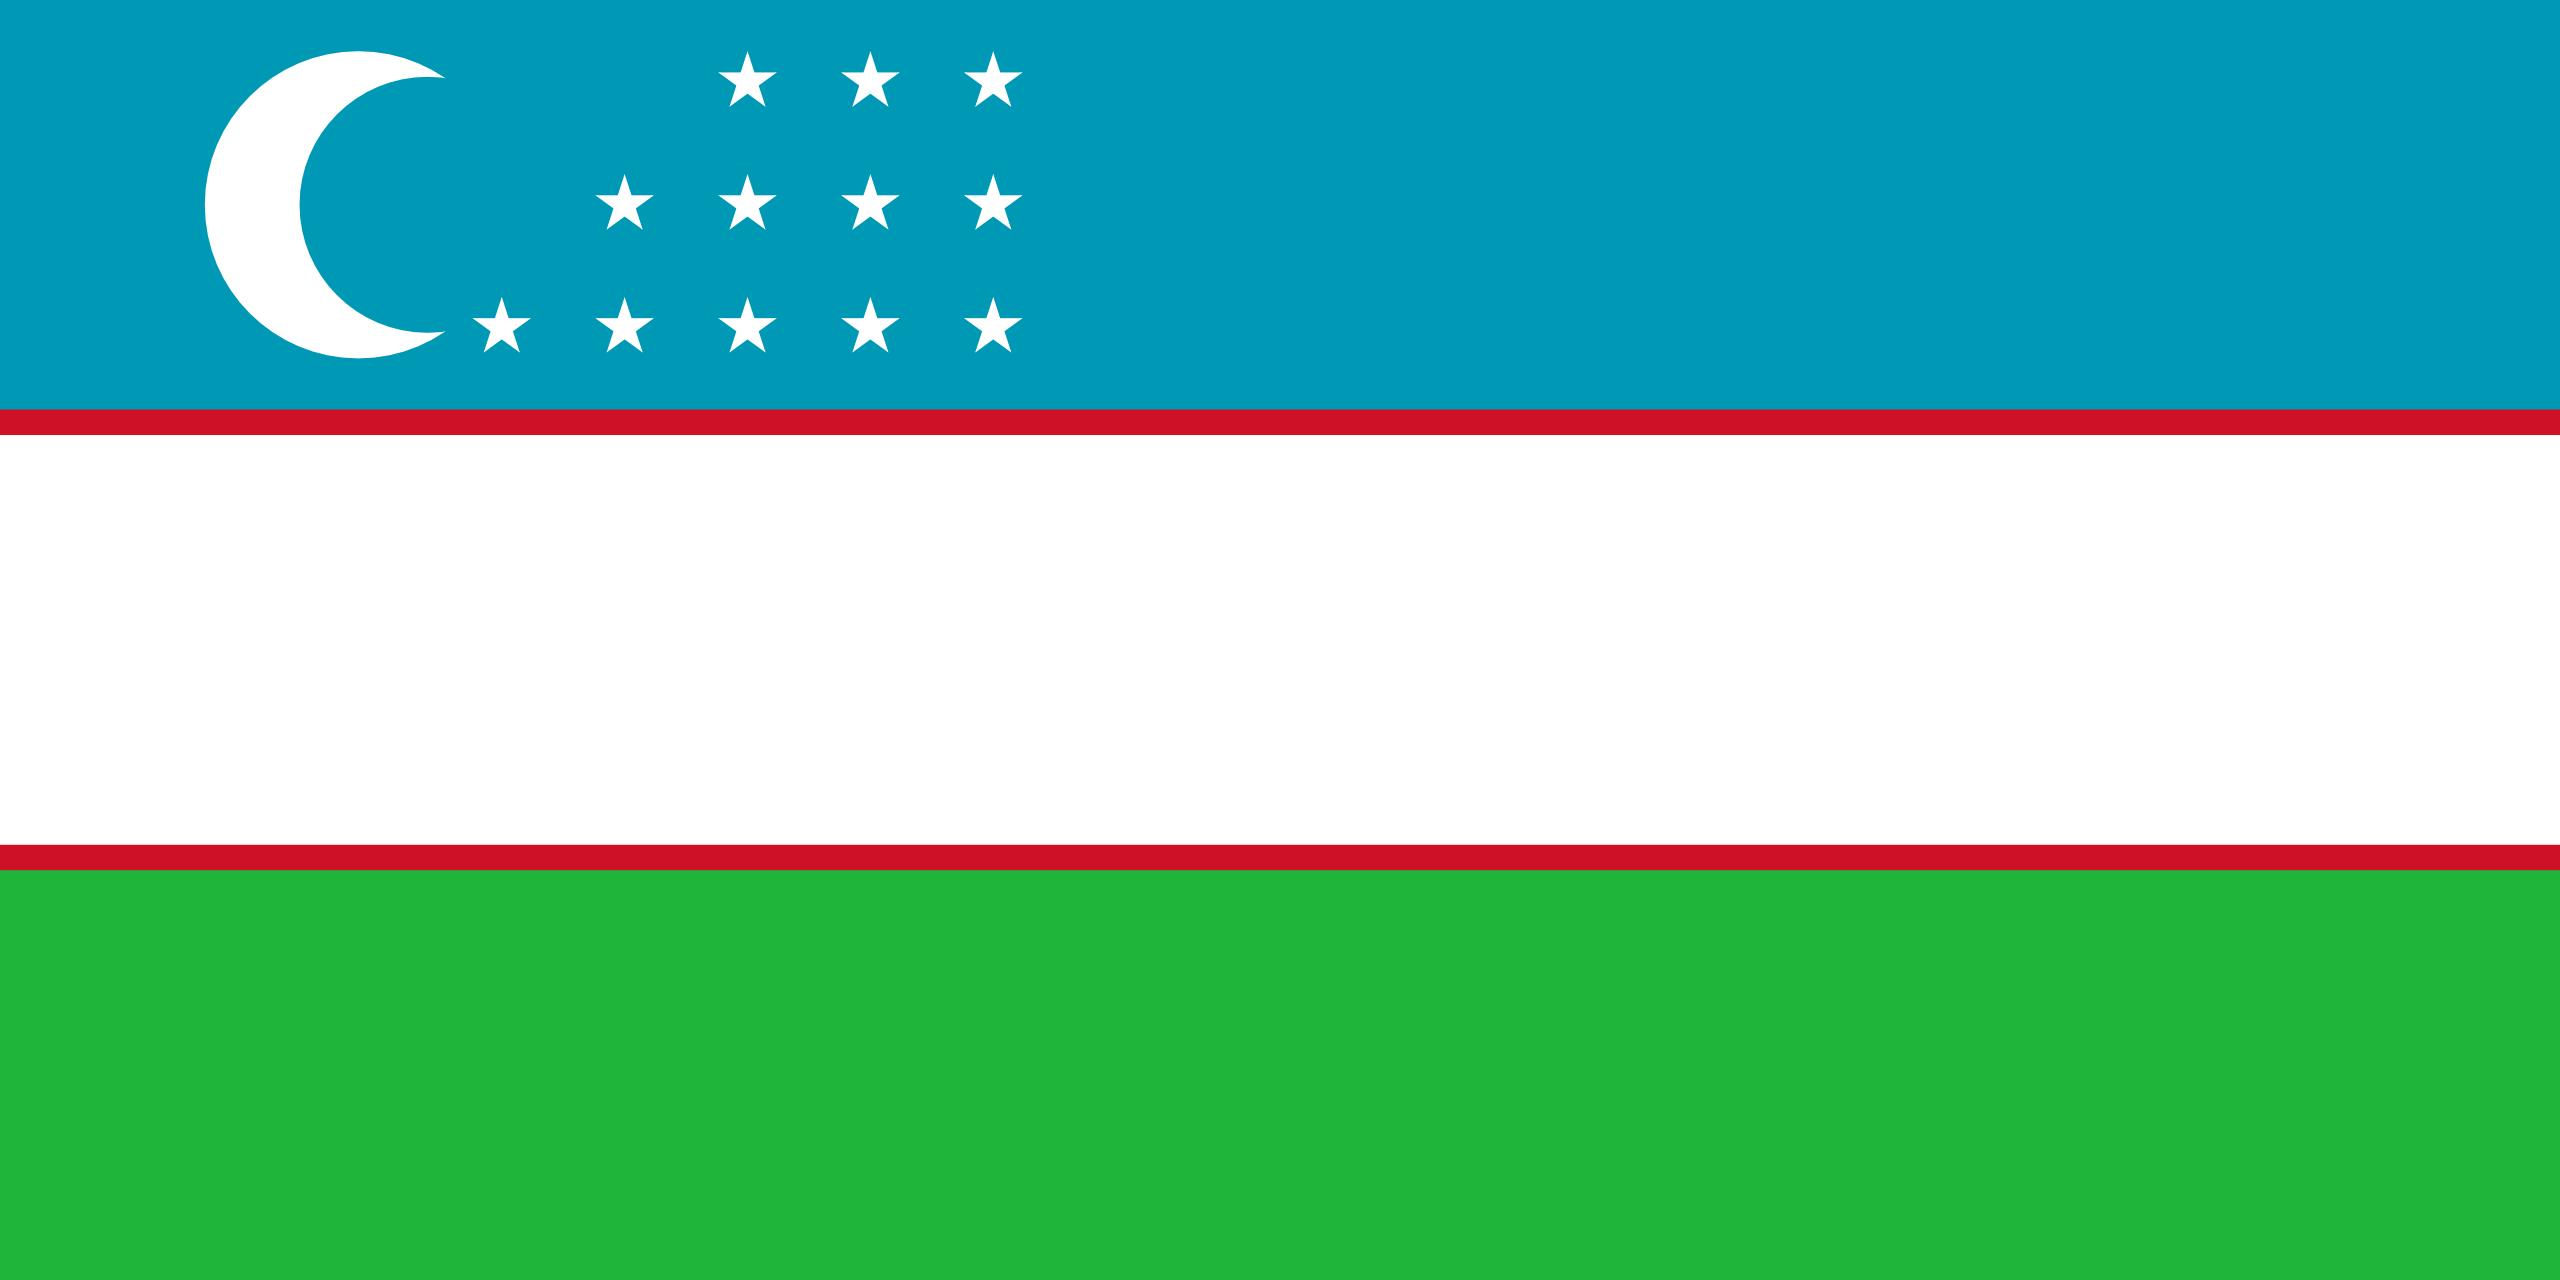 uzbekistán, Land, Emblem, Logo, Symbol - Wallpaper HD - Prof.-falken.com